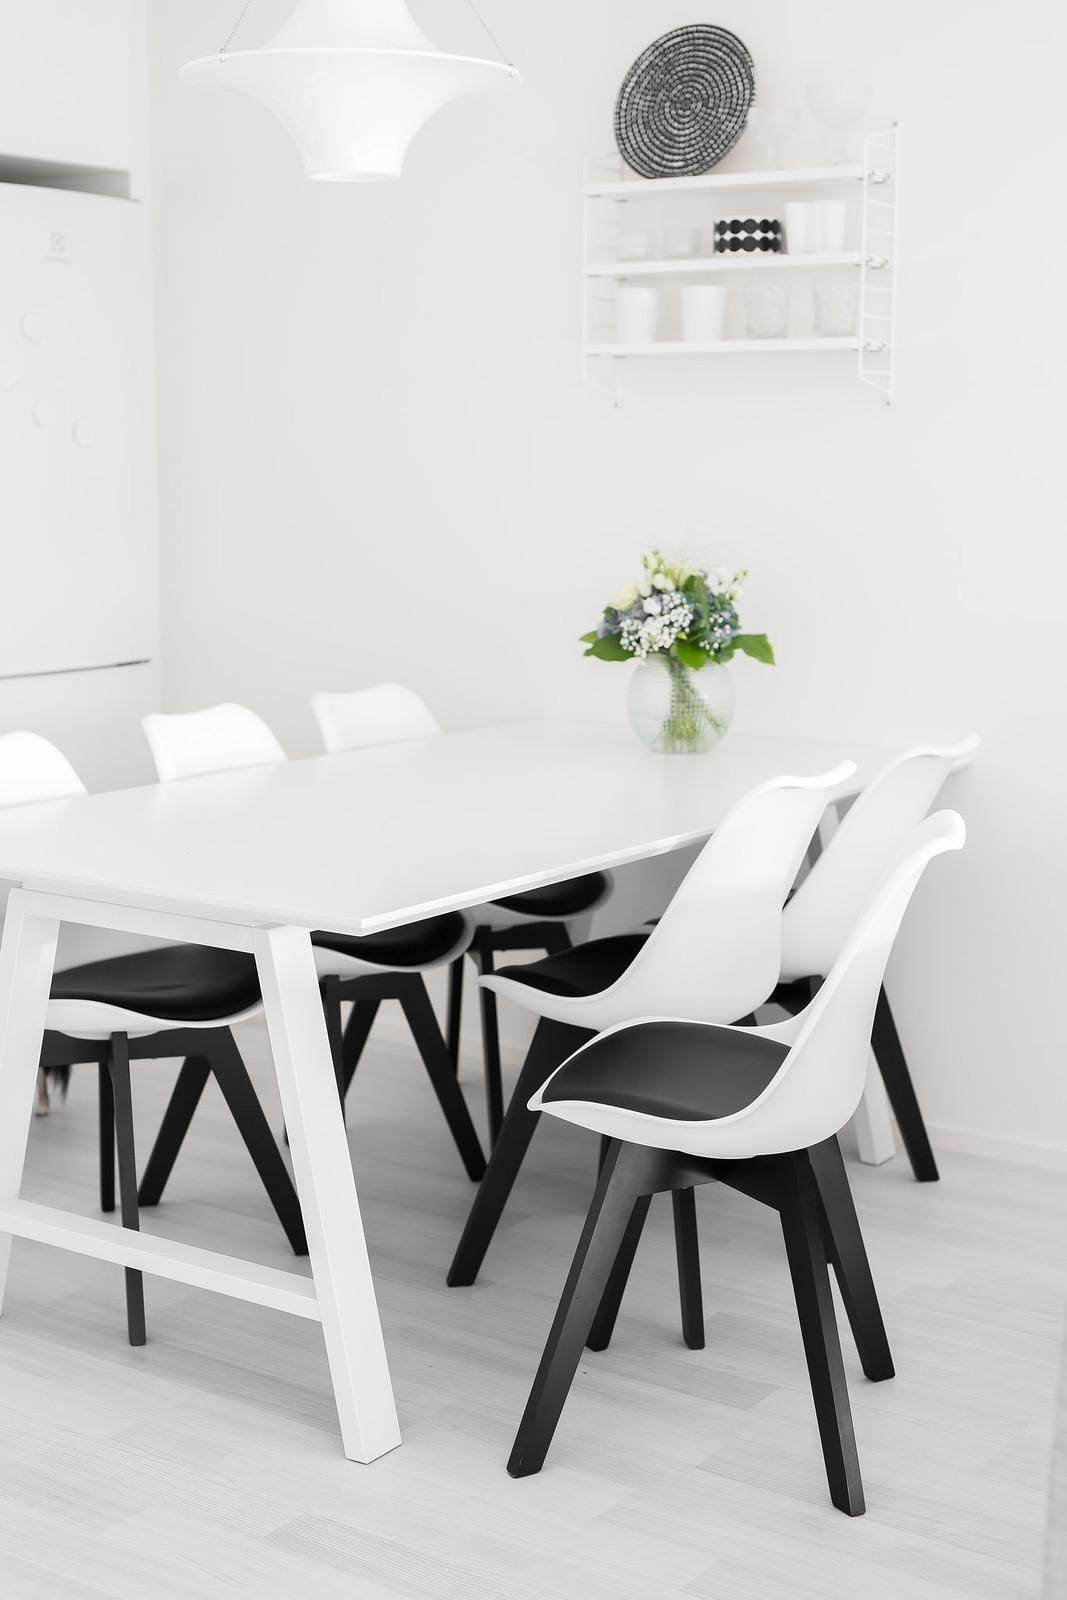 mustavalkoiset tuolit